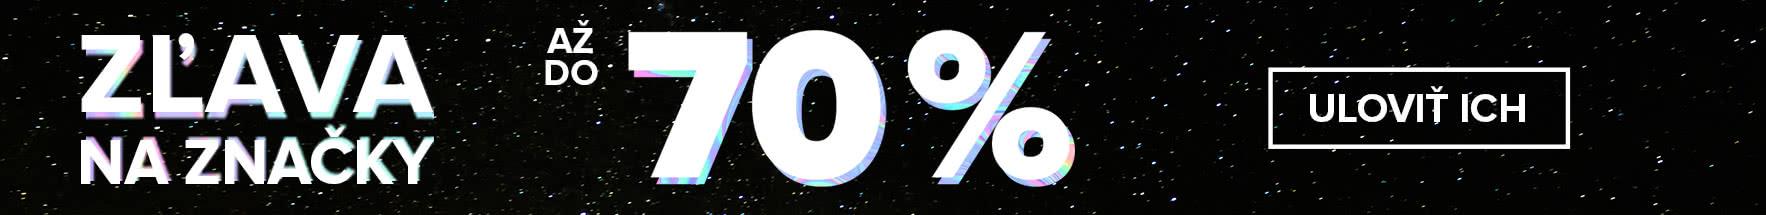 Zľava na značky až 70 %